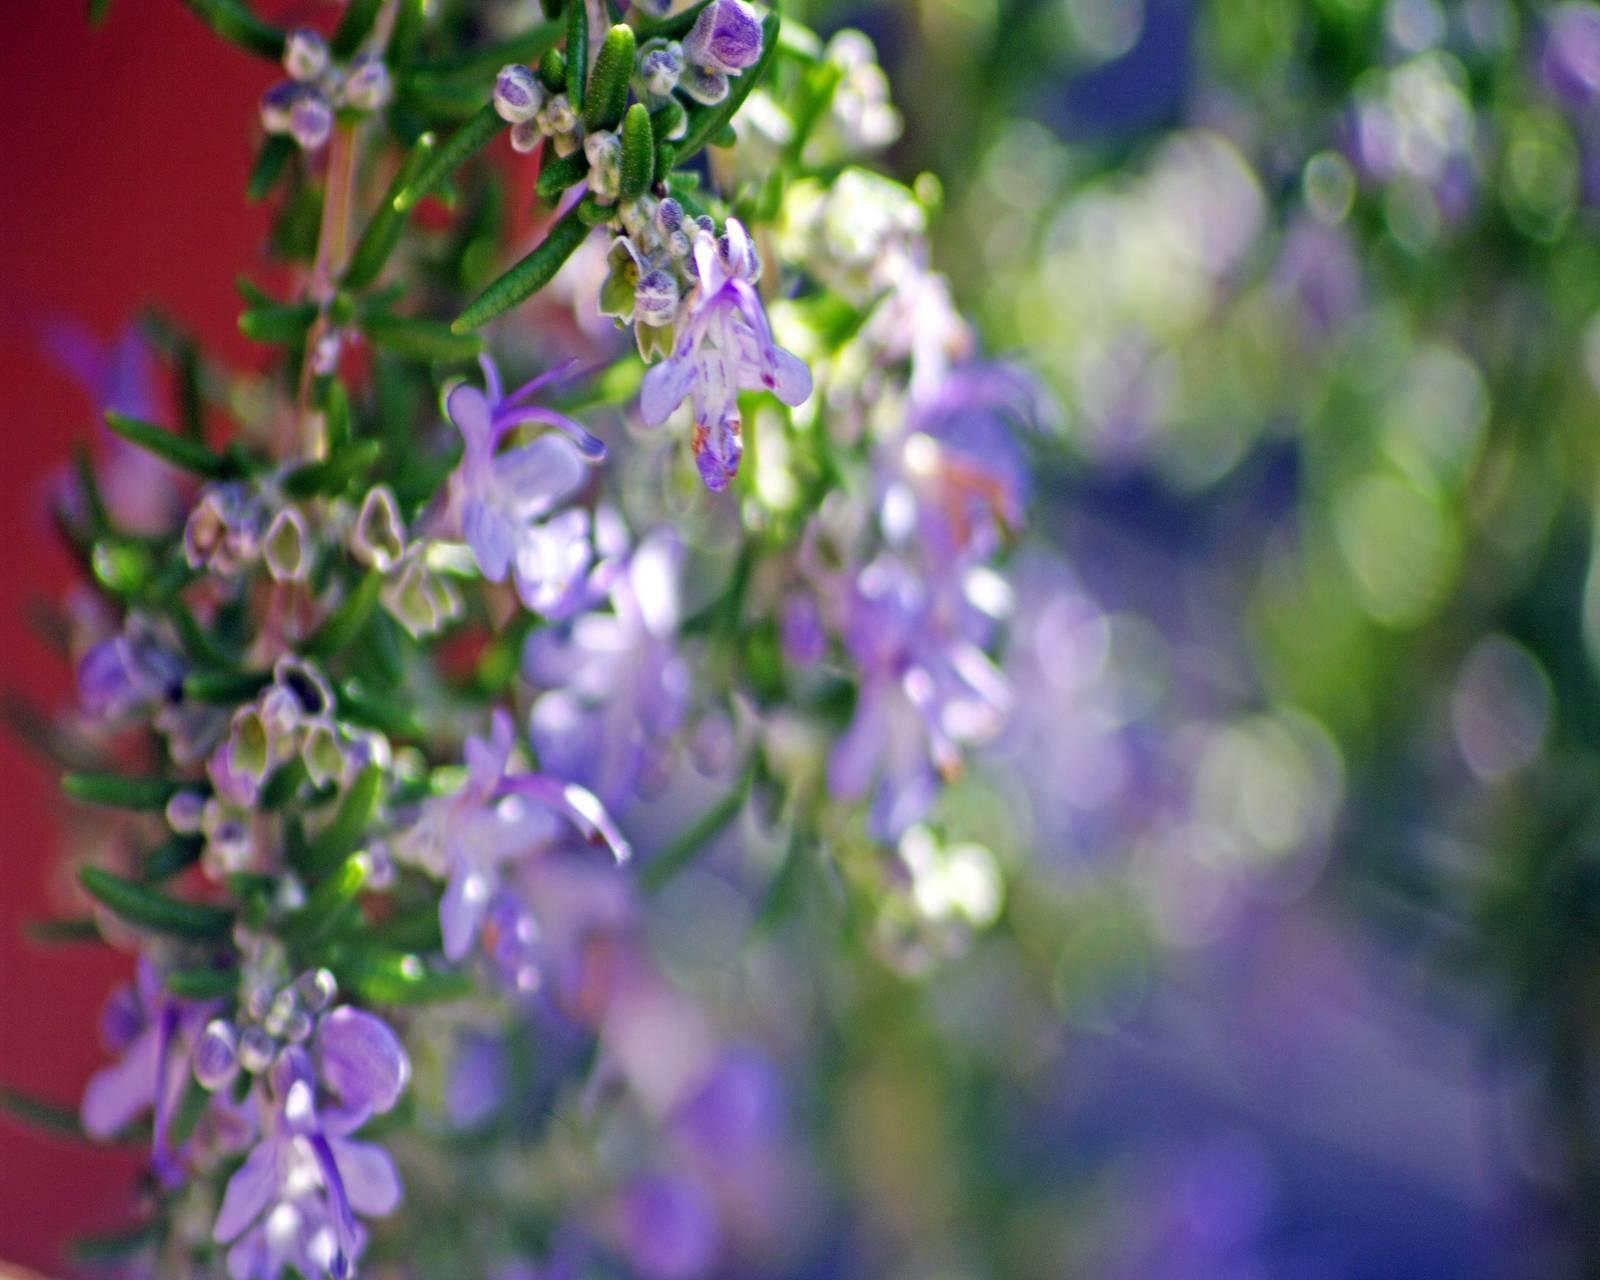 Flower Bokeh Hd